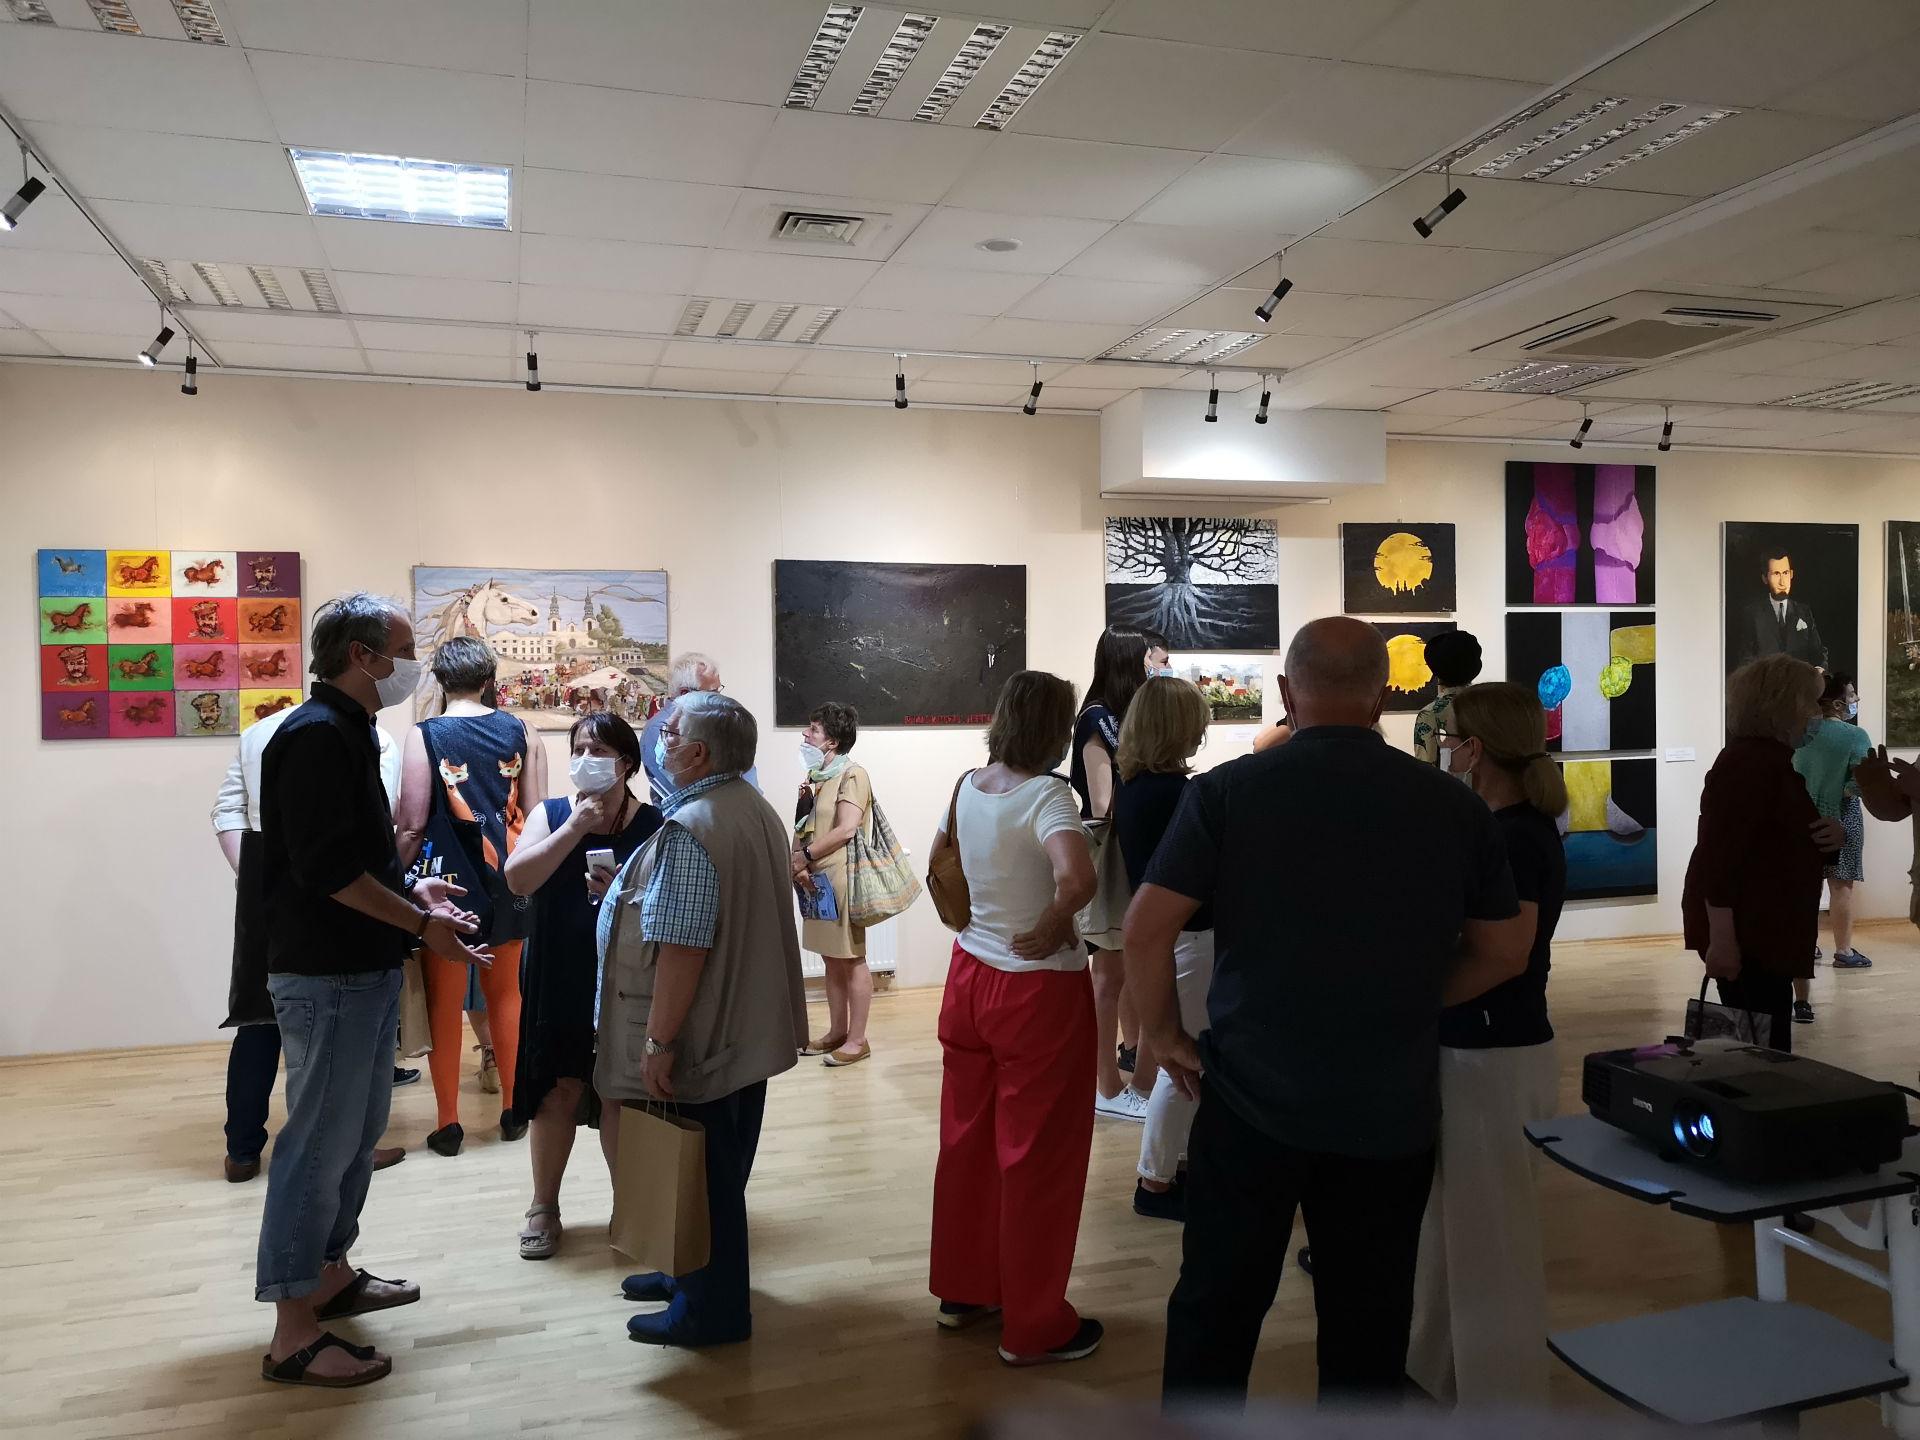 Fotografia wykonana w sali konferencyjno-wystawowej w Miejskiej Bibliotece Publicznej w Mińsku Mazowieckim. Na pierwszym planie widzimy żywo dyskutującą publiczność. W tle ściana z zawieszonymi na niej obrazami.